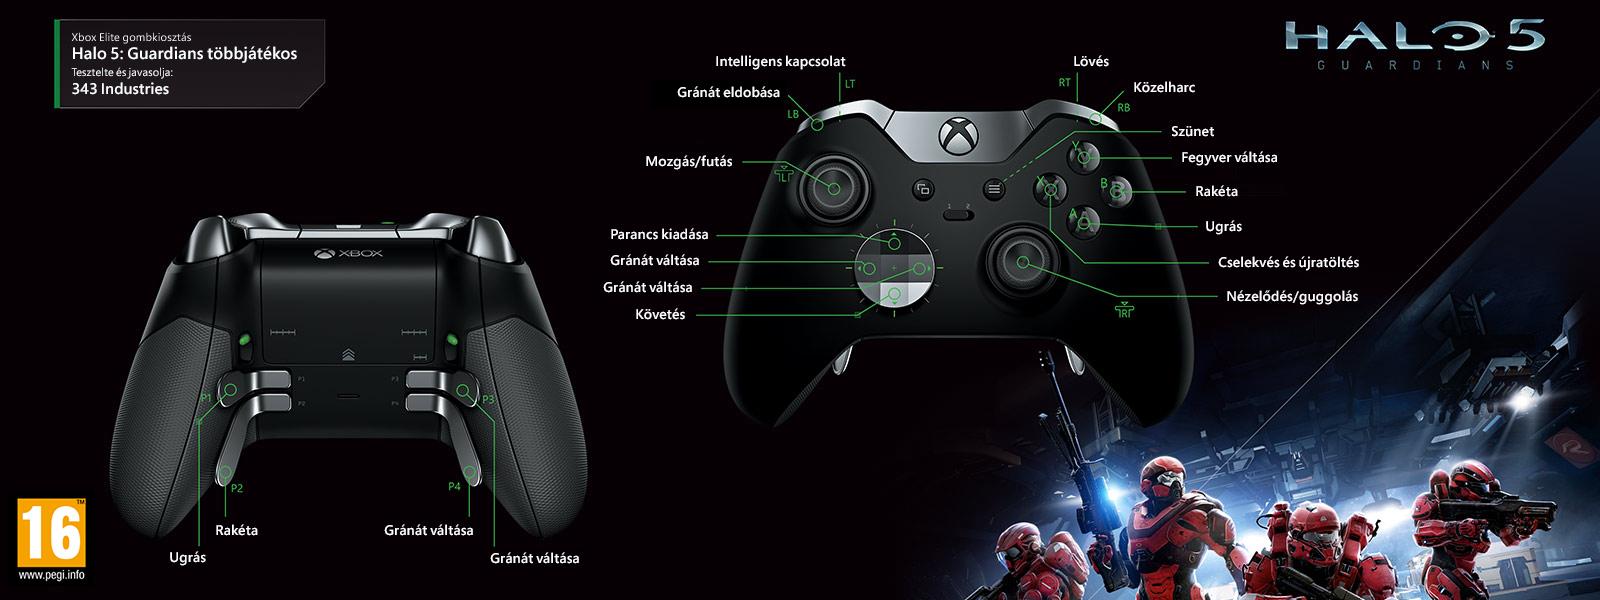 """Halo 5 – Guardians """"többjátékos"""" Elite-gombkiosztás"""